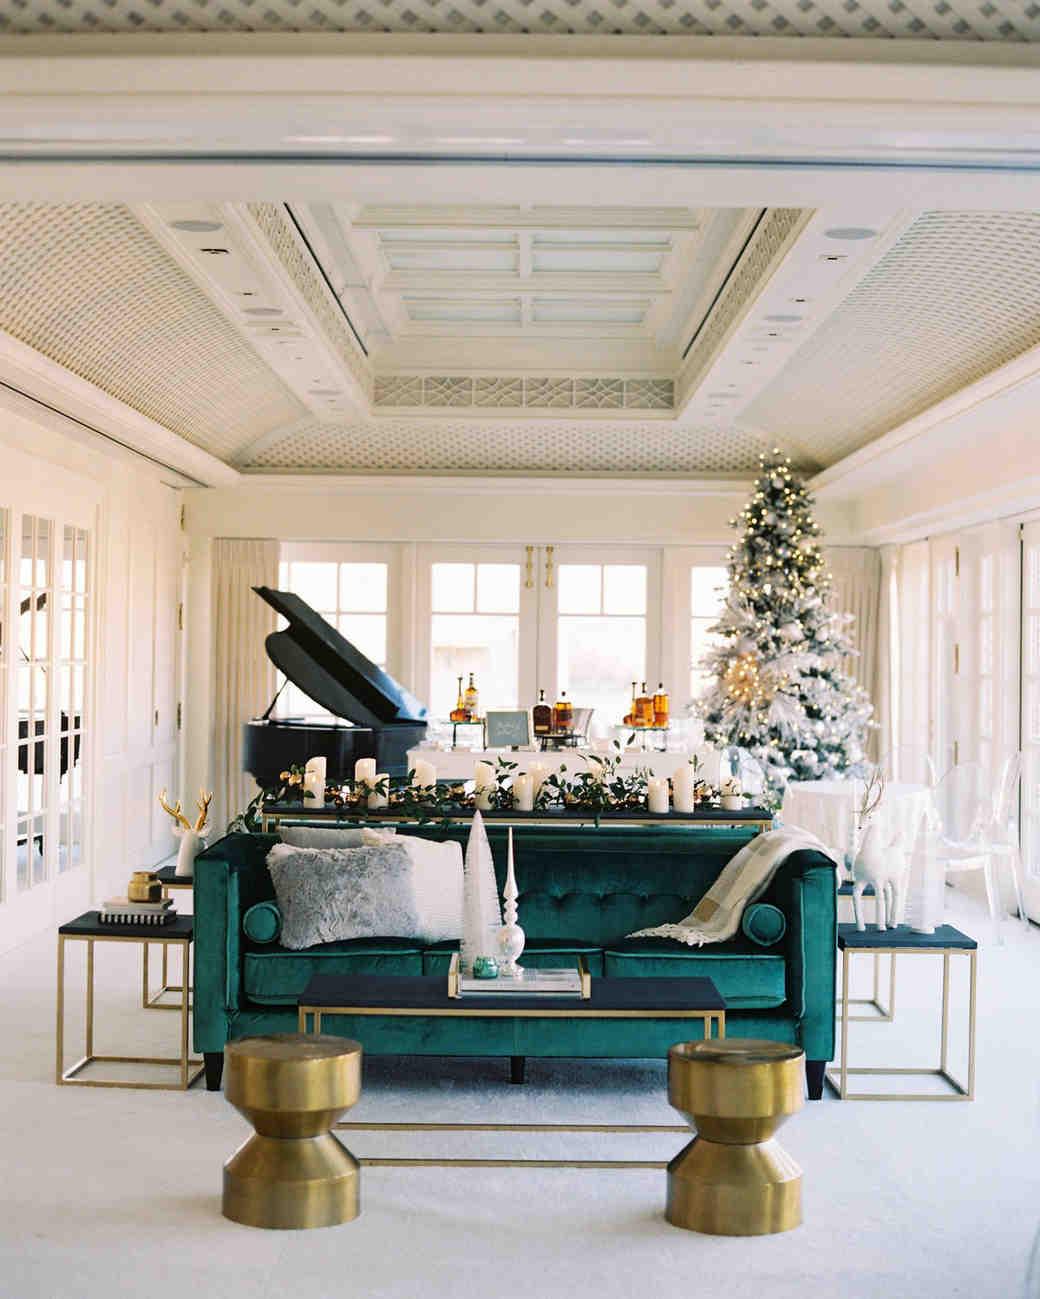 36 Winter Wedding Ideas for a Cozy Festive Fte  Martha